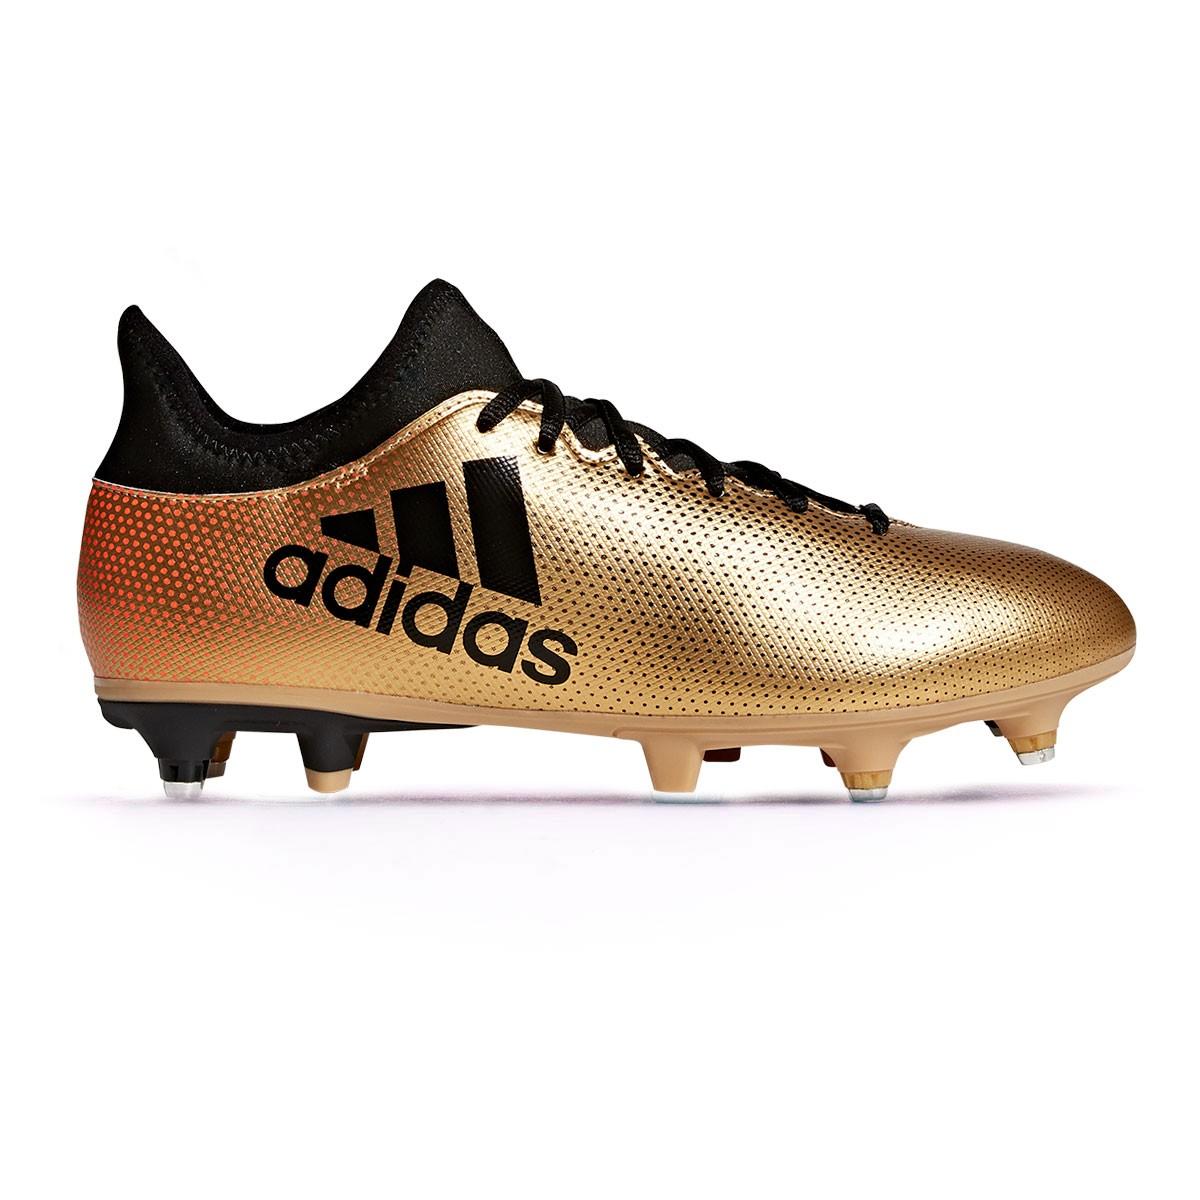 wholesale dealer b798e 7b8d2 Chaussure de foot adidas X 17.3 SG Tactile gold metallic-Core black-Solar  red - Boutique de football Fútbol Emotion